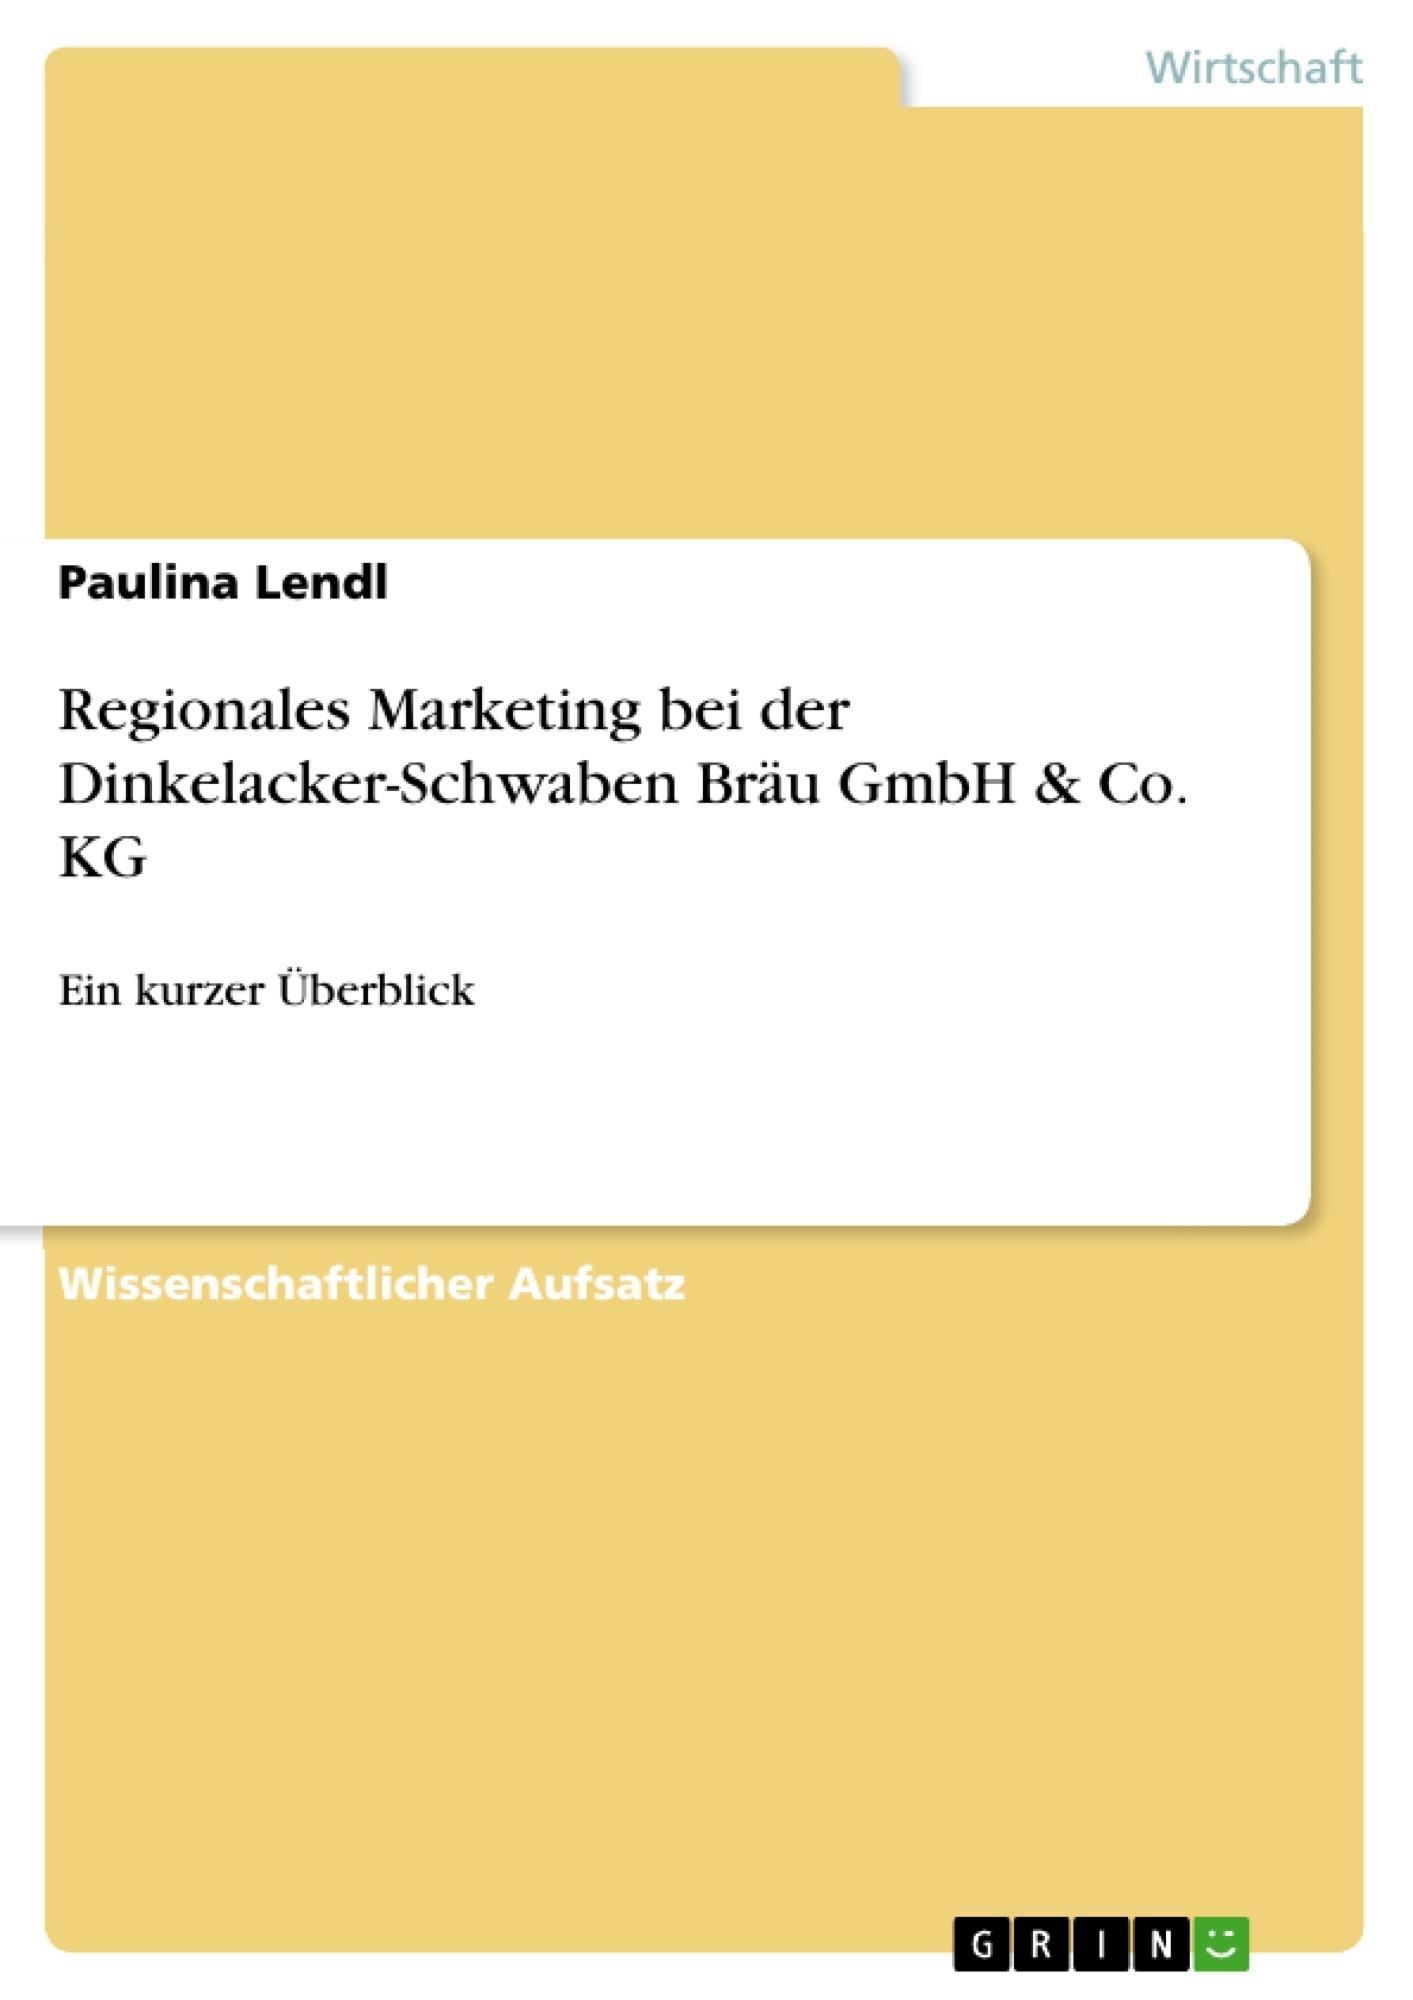 Titel: Regionales Marketing bei der Dinkelacker-Schwaben Bräu GmbH & Co. KG